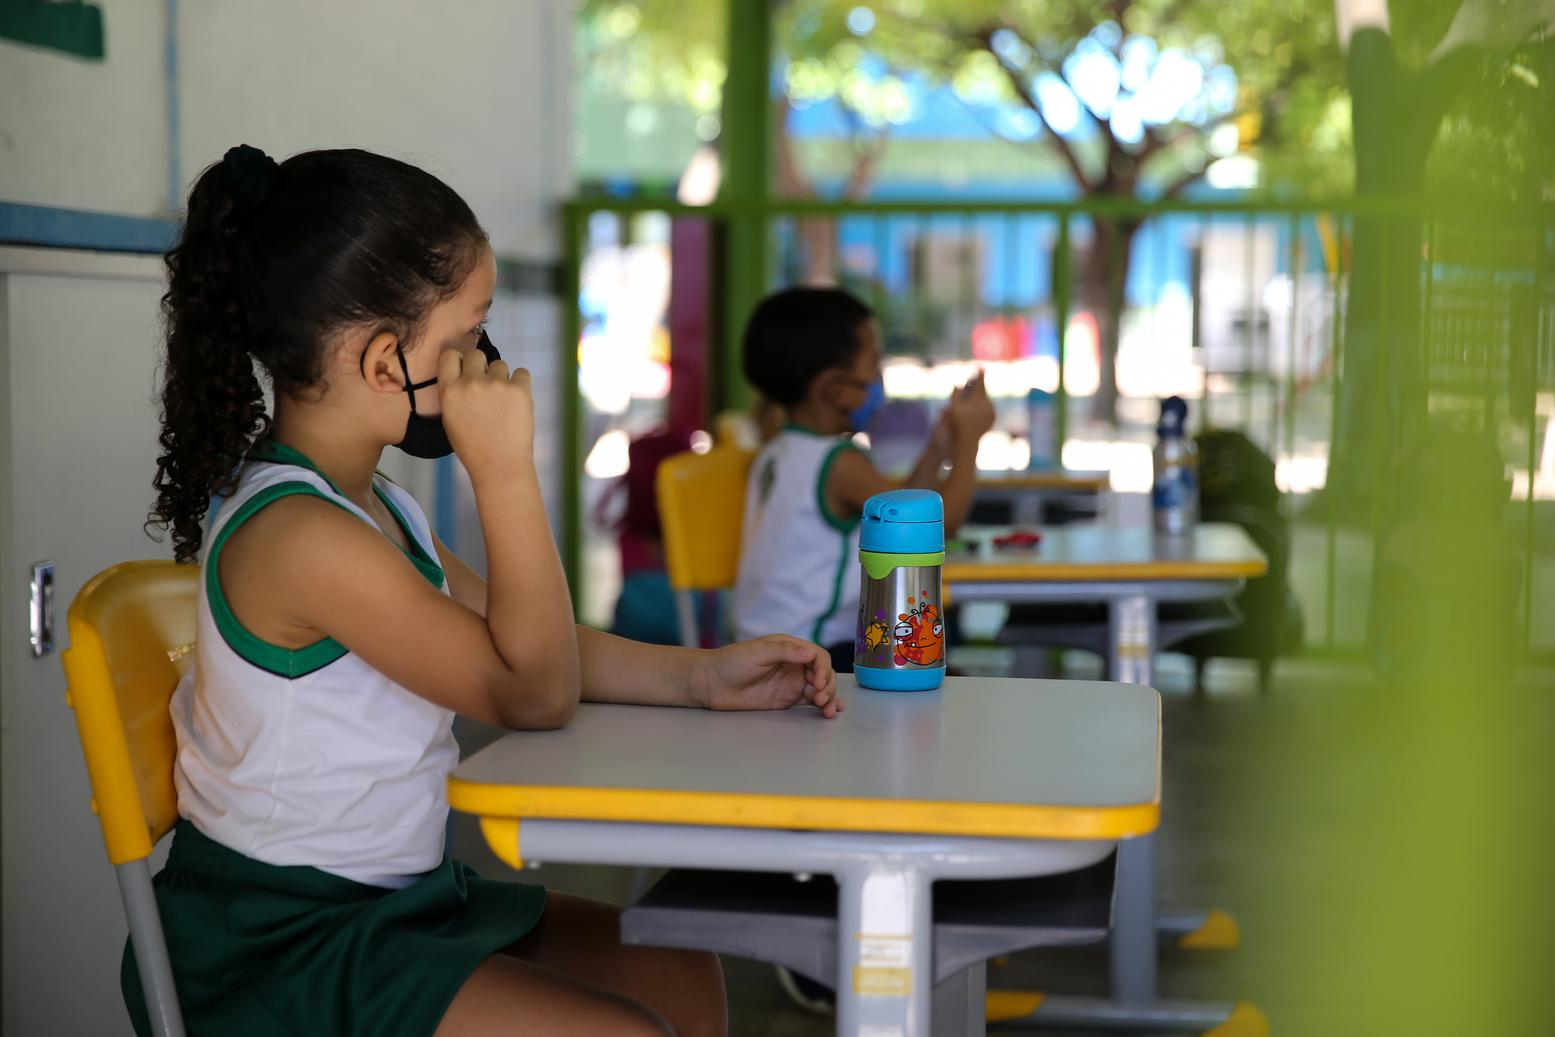 Governo do Ceará libera retorno de atividades presenciais a partir desta quinta-feira, 1º de outubro, a mais séries escolares.